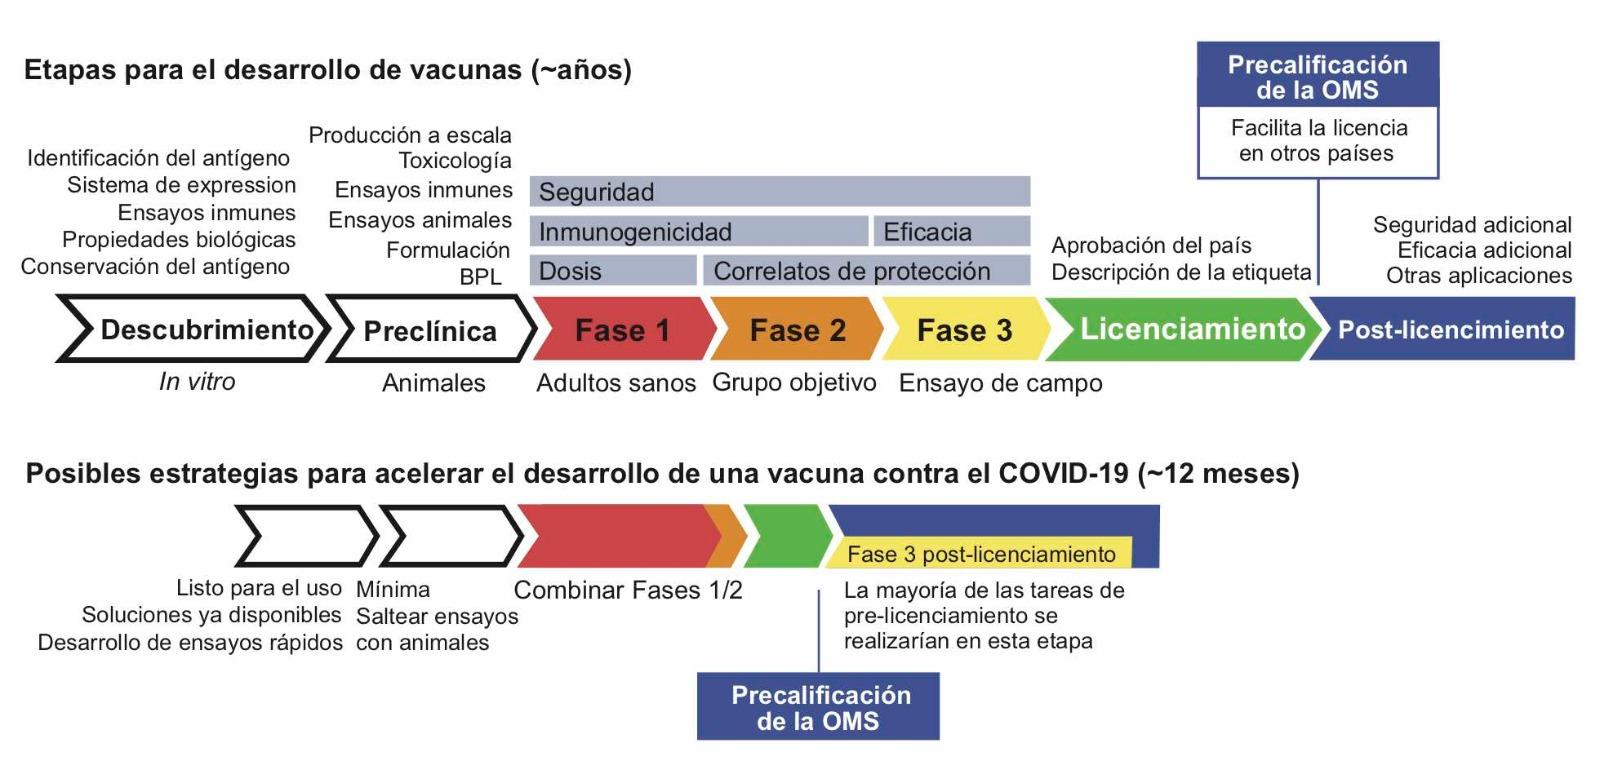 Etapas para la obtención de licencias para vacunas